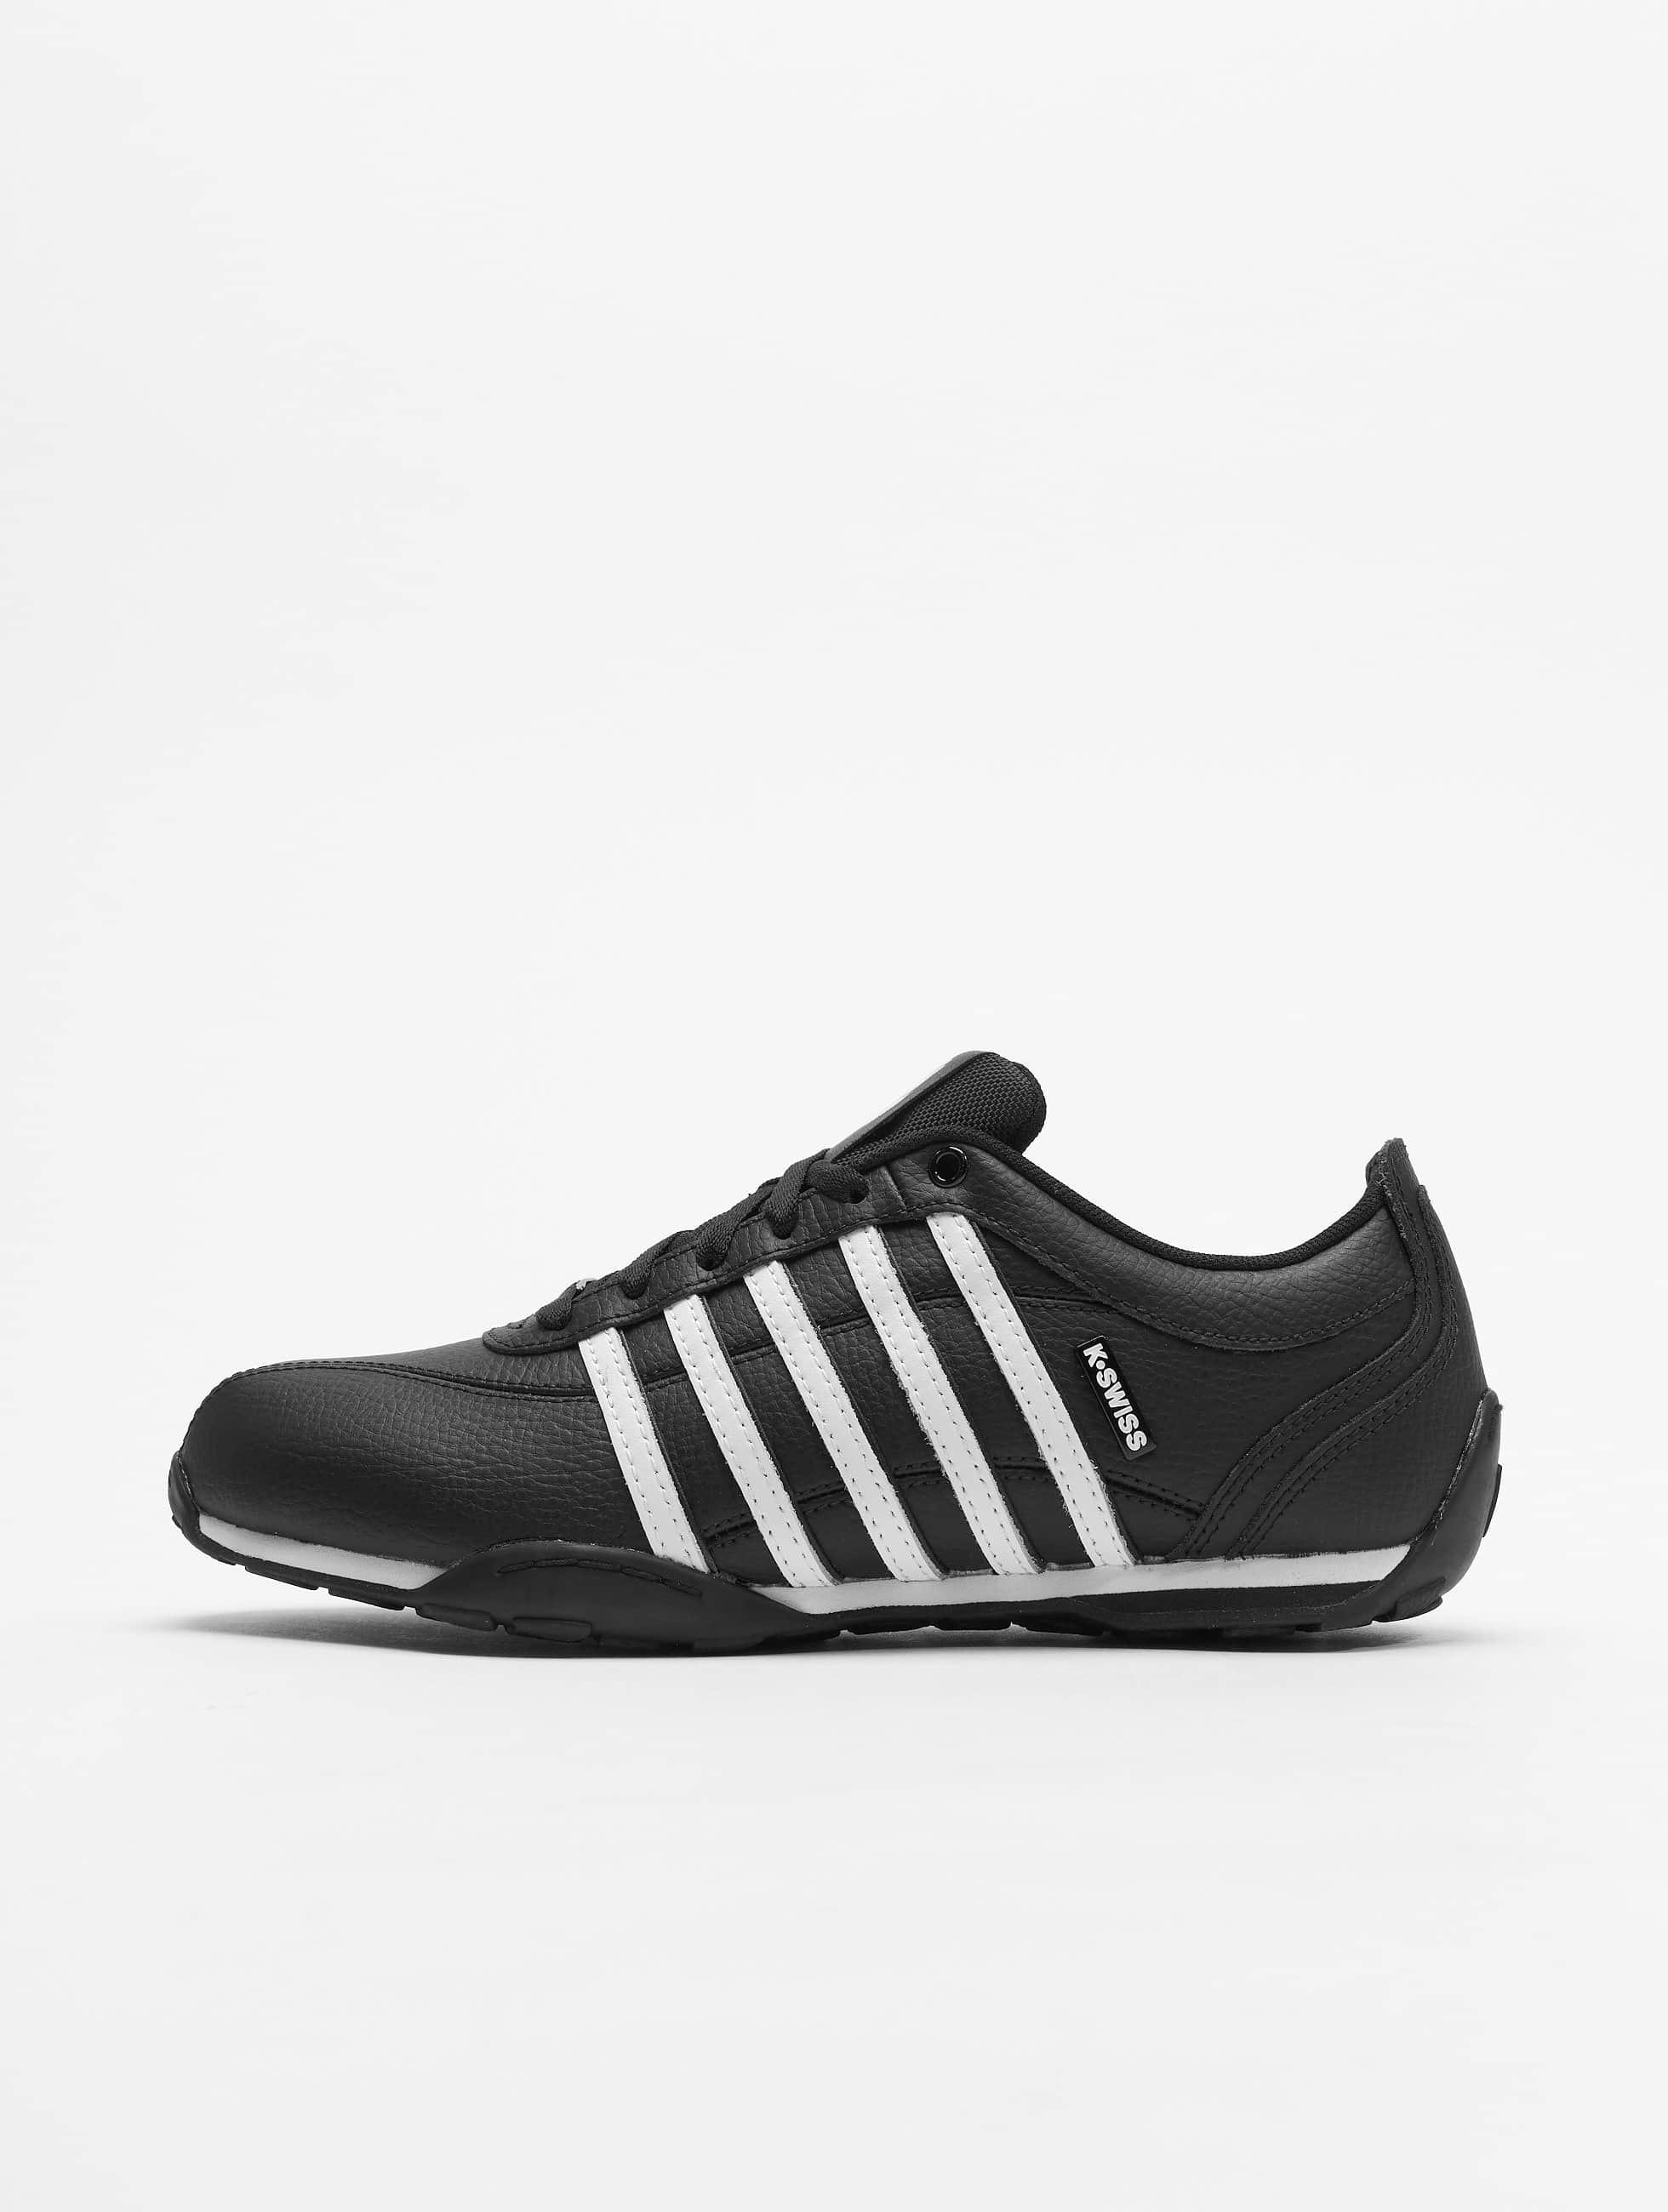 5fe7ad59b30 K-Swiss schoen / sneaker Arvee 1.5 in zwart 668606